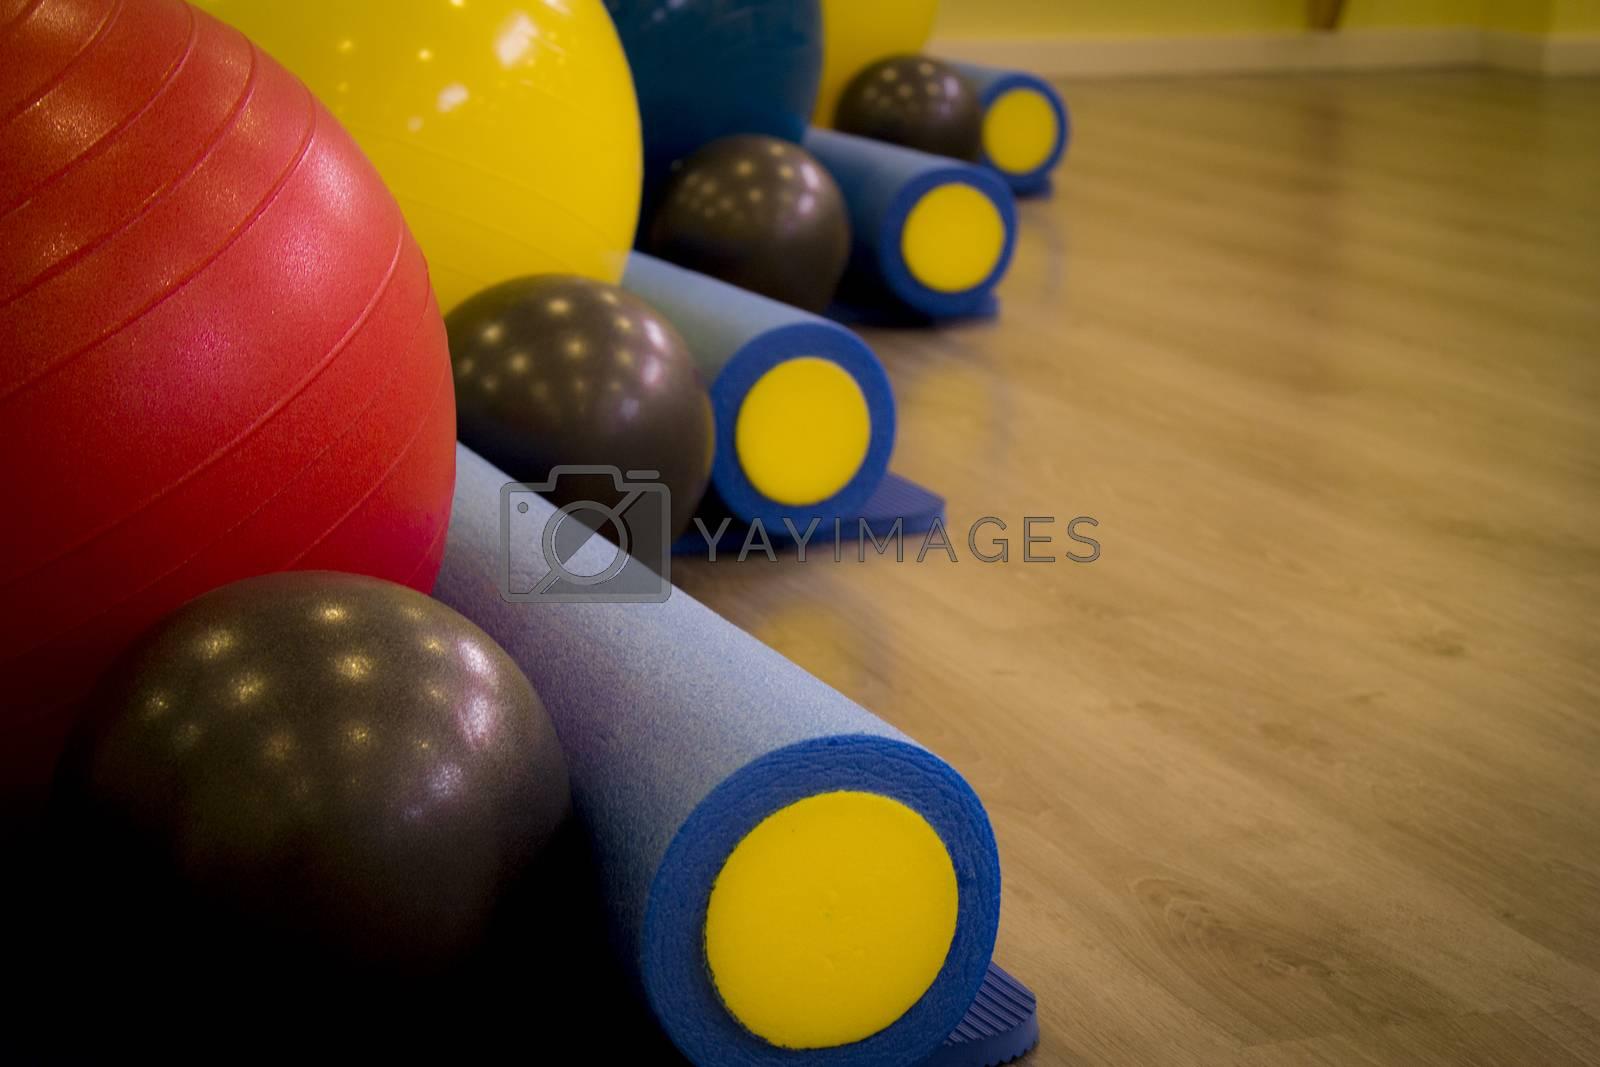 A selection of gym equipment ranging from pilates ball to yoga rolls. Fotografía de Gema Ibarra. Prohibida su utilización para cualquier uso sin autorización.Todos los derechos reservados.